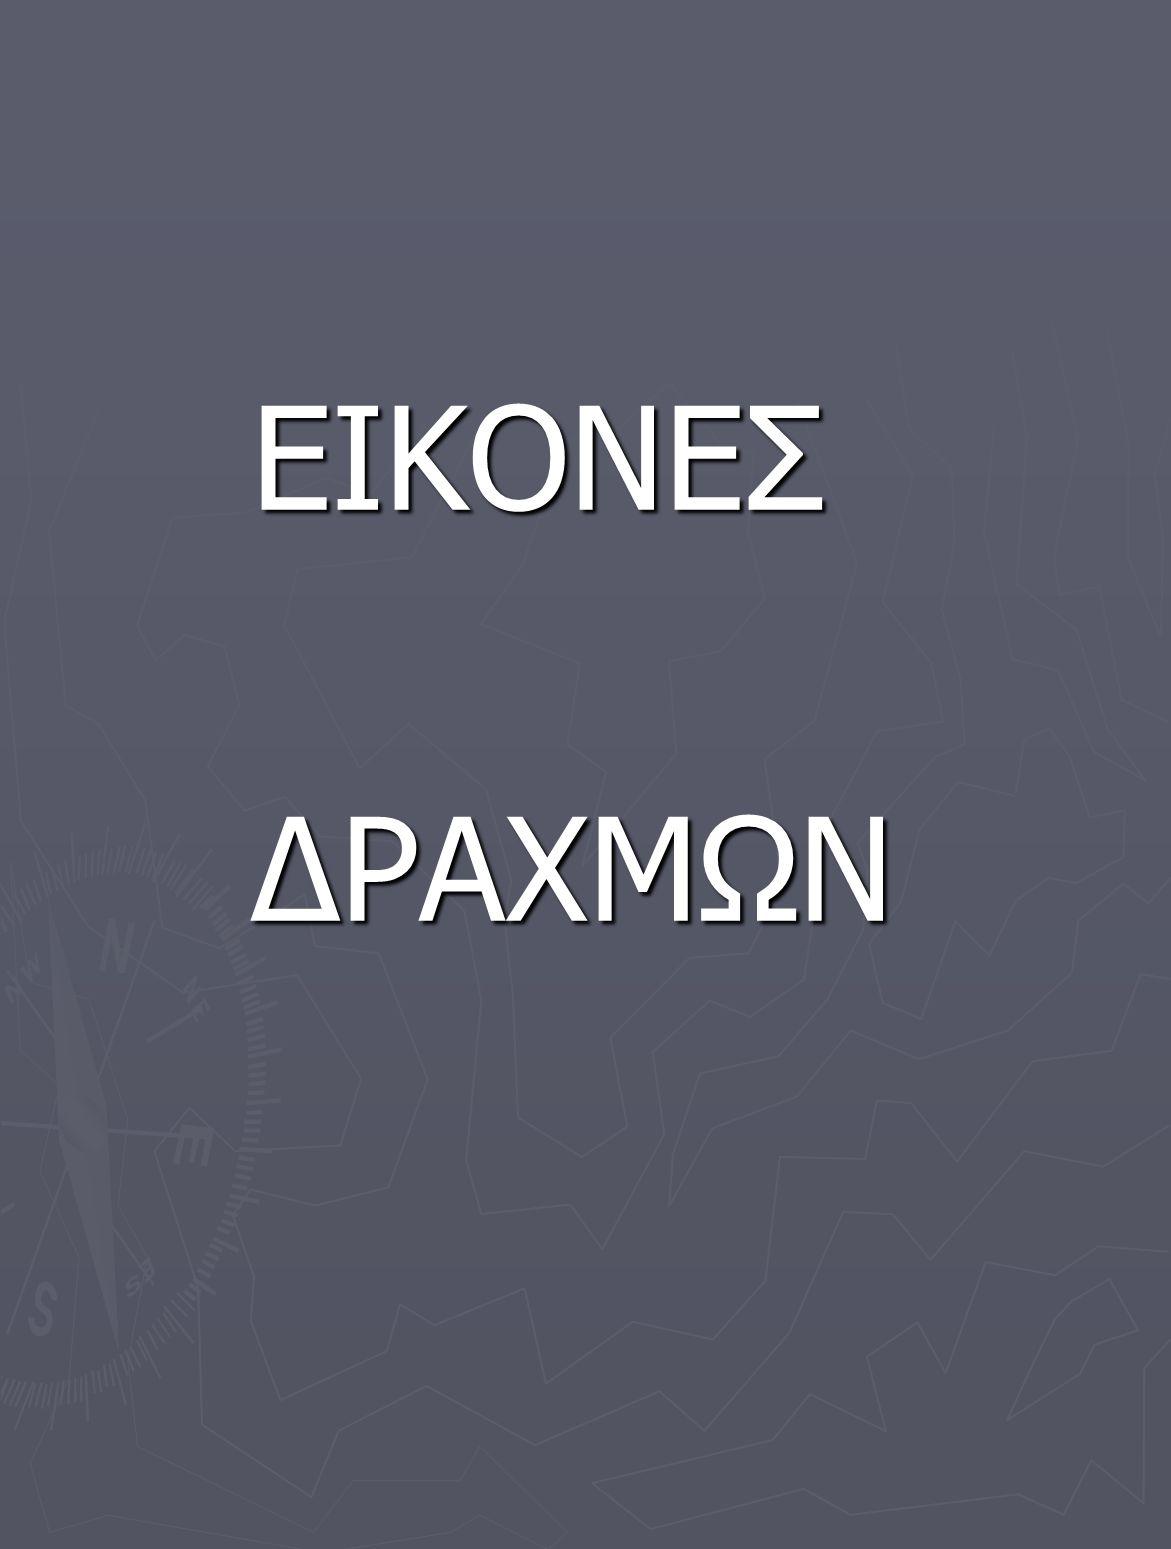 ΕΙΚΟΝΕΣ ΔΡΑΧΜΩΝ